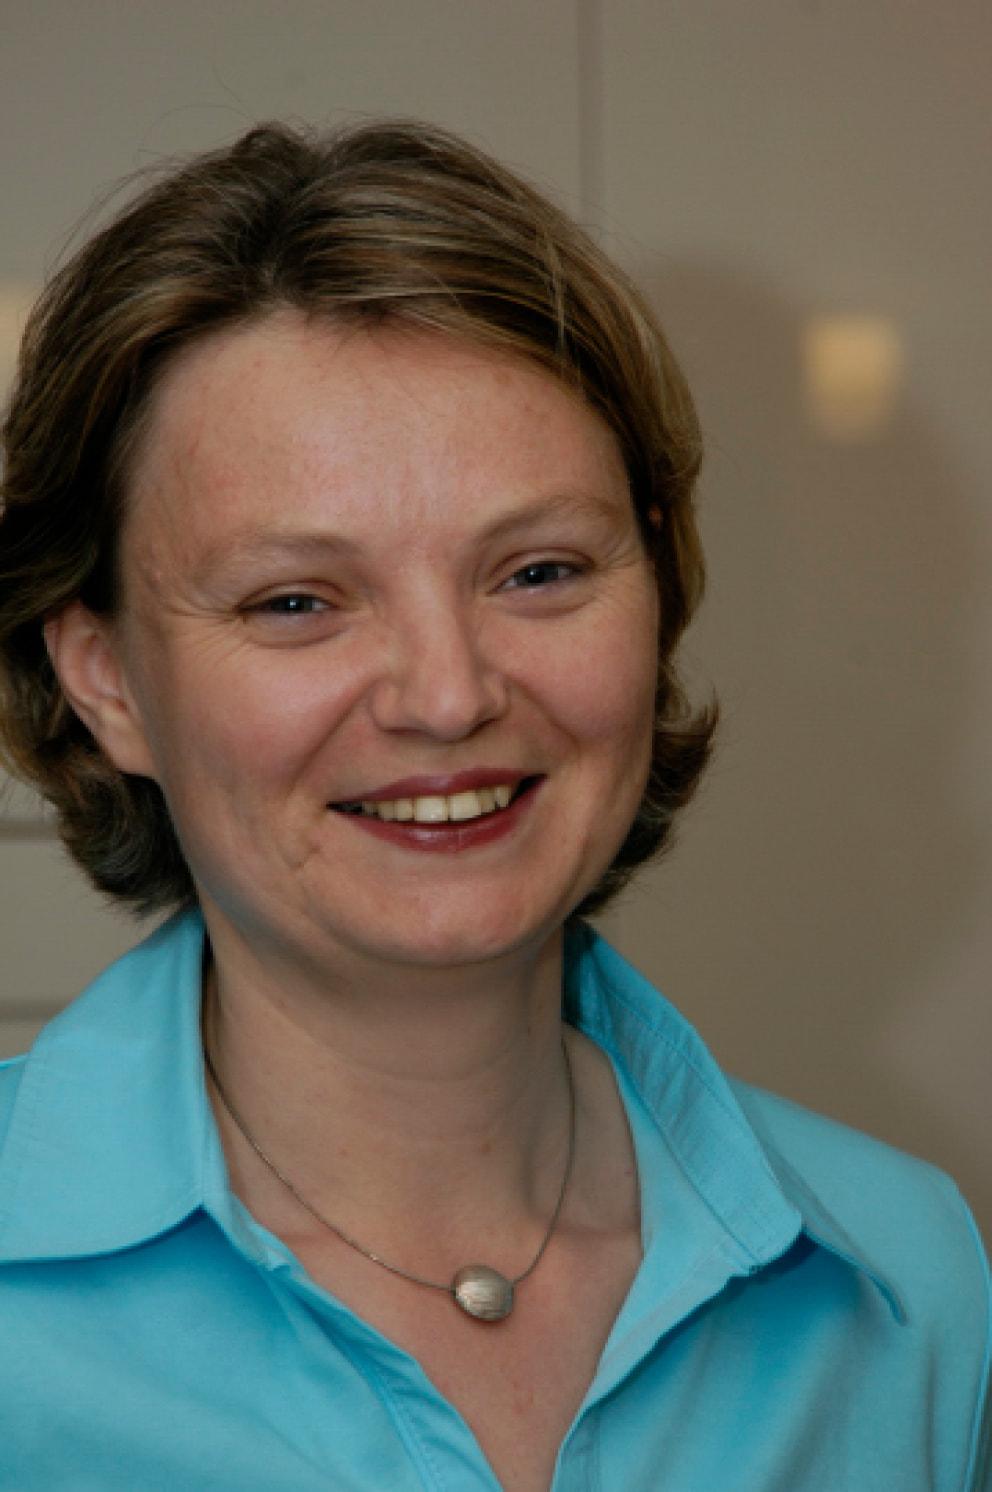 Kathrin Seeger